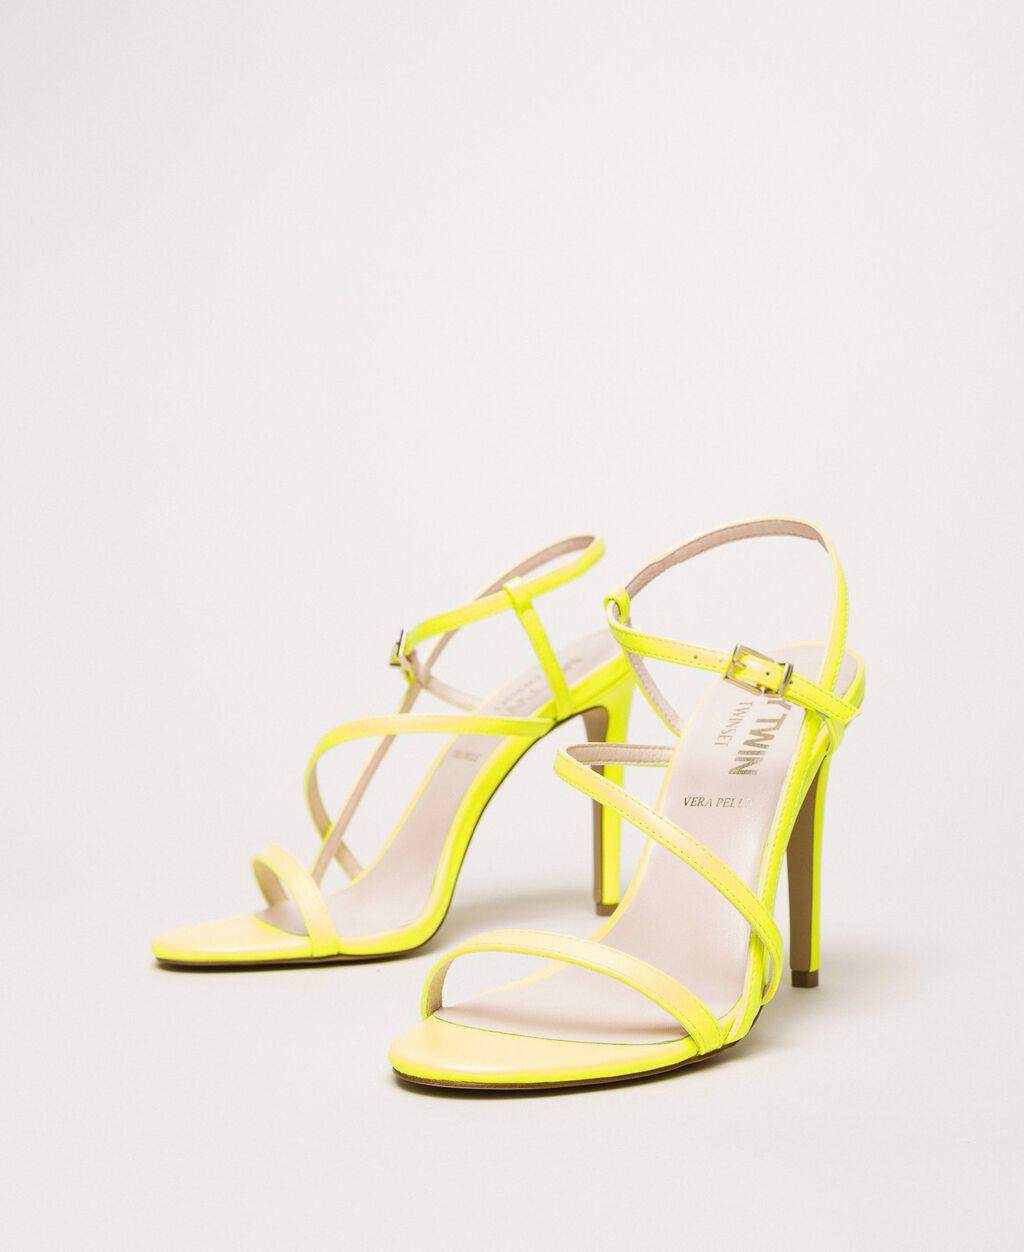 Босоножки из искусственной кожи флуоресцентного цвета на высоком каблуке